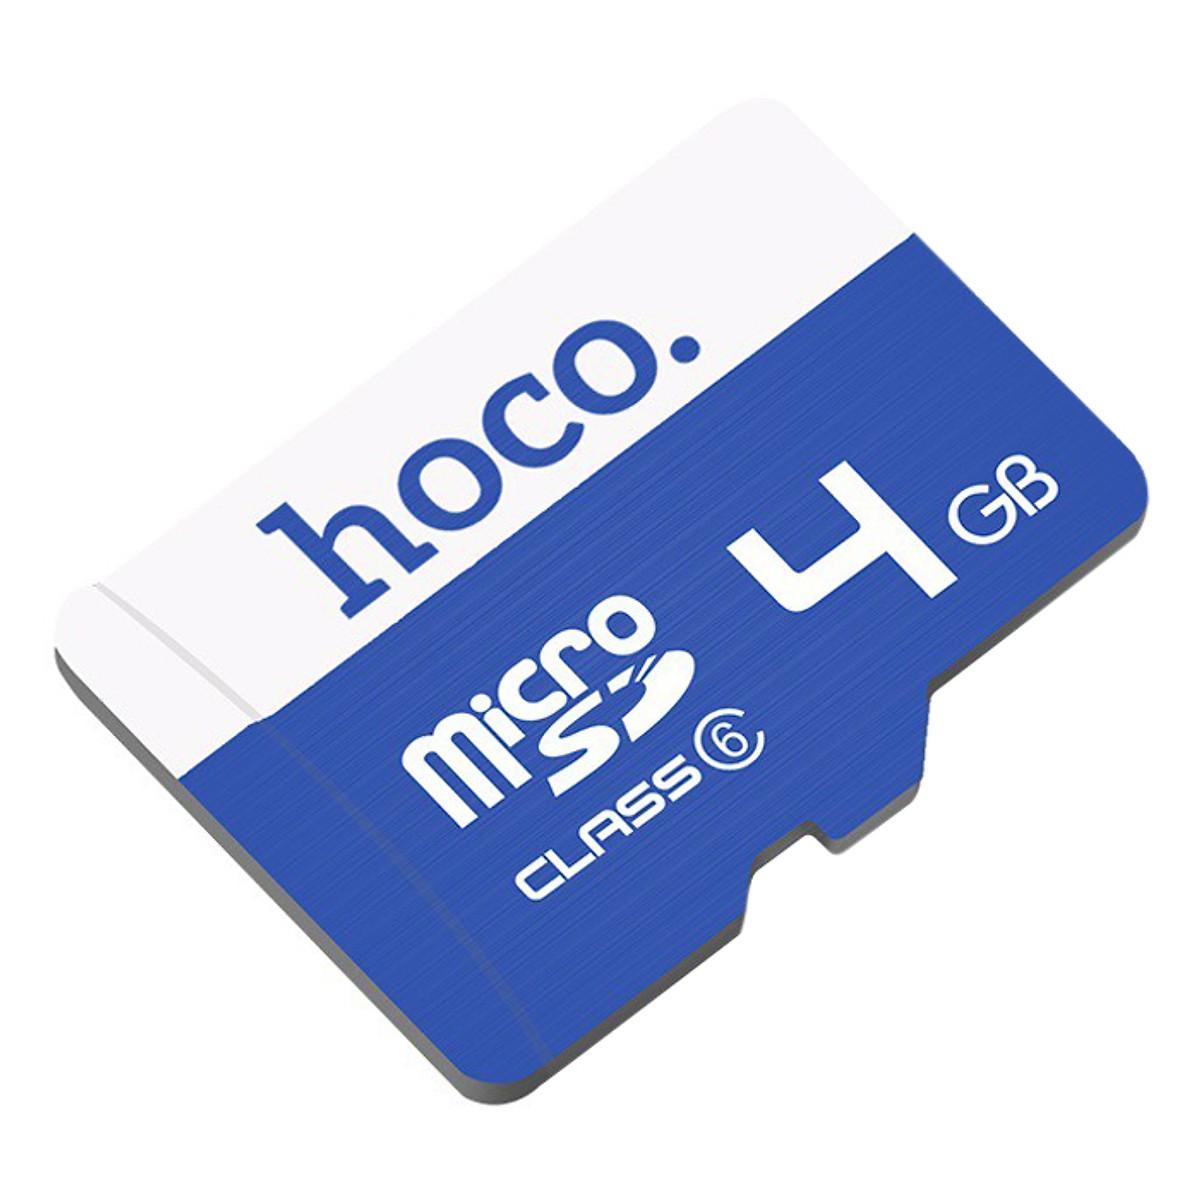 Hoco - Thẻ nhớ  TF Tốc Độ Cao Micro SD 4GB - Hàng Chính Hãng